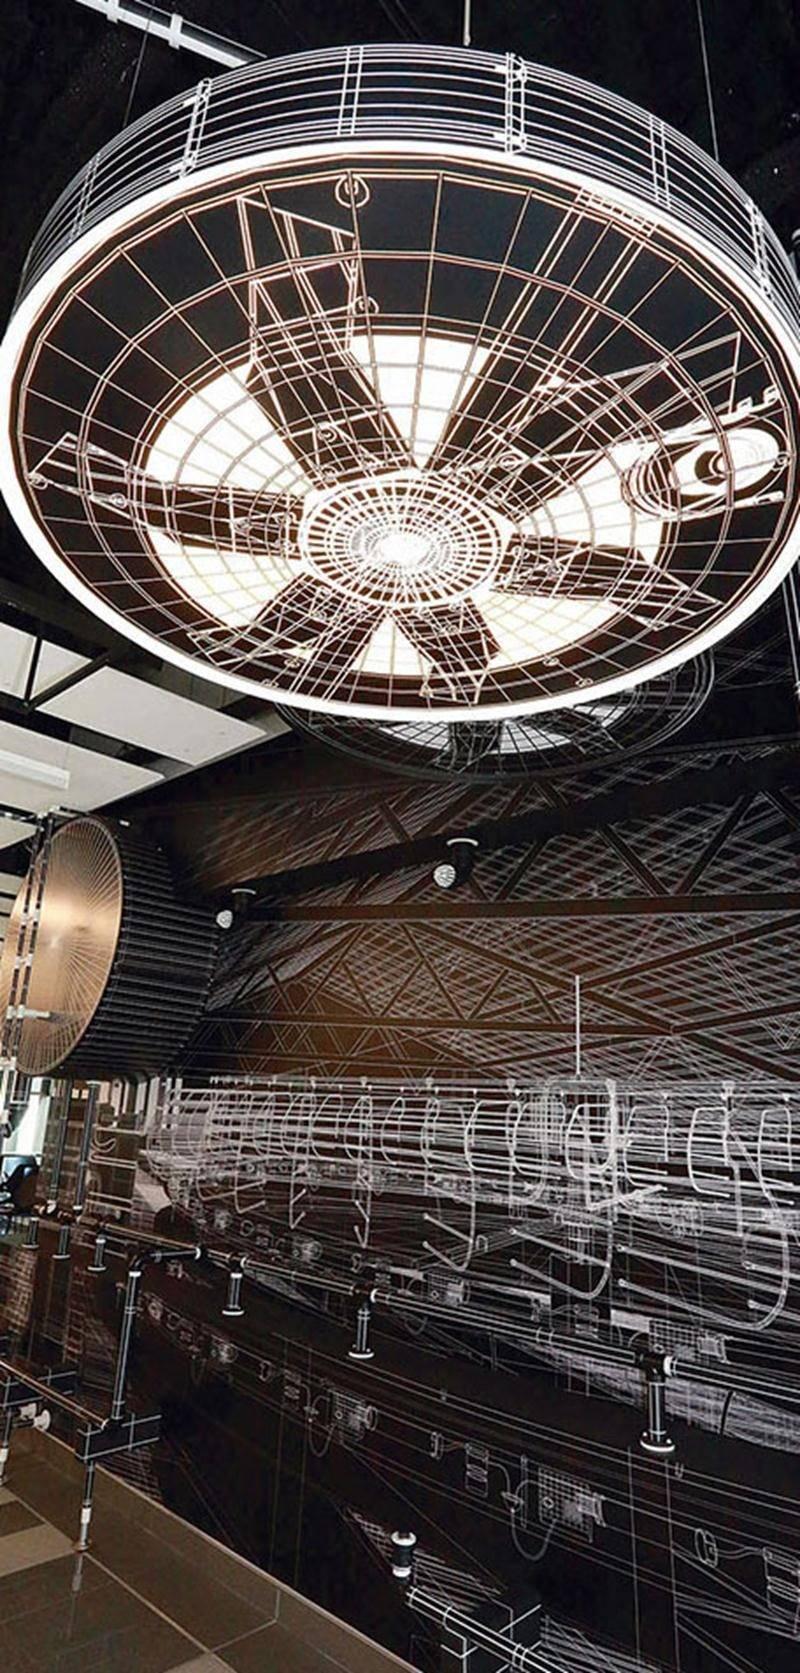 L'artiste Michel Boulanger nous plonge au cœur de l'étable moderne alors que le robot de traite est au centre de son œuvre Volume attendu, présentée dans la Verrière du Cégep de Saint-Hyacinthe dans le cadre d'ORANGE.  Photo Robert Gosselin | Le Courrier ©